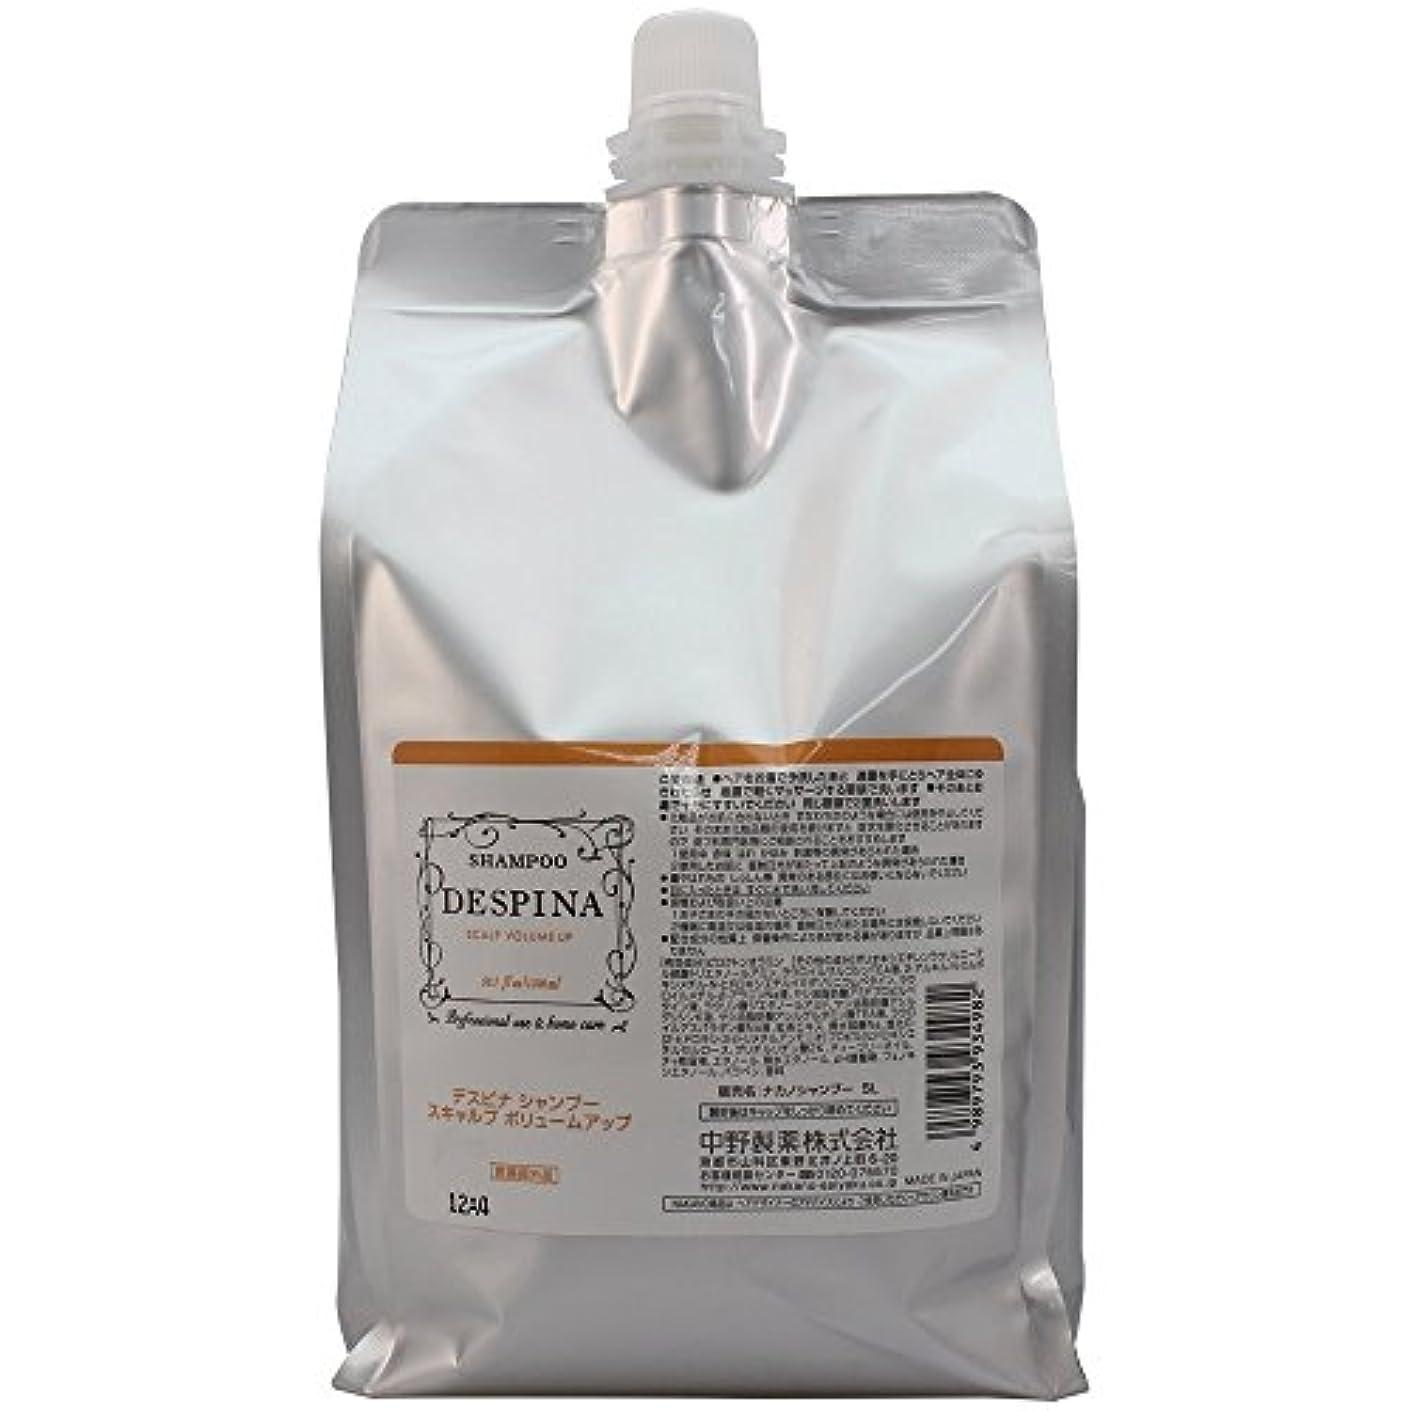 小麦粉好意運動中野製薬 デスピナ シャンプー スキャルプ ボリュームアップ 1500ml